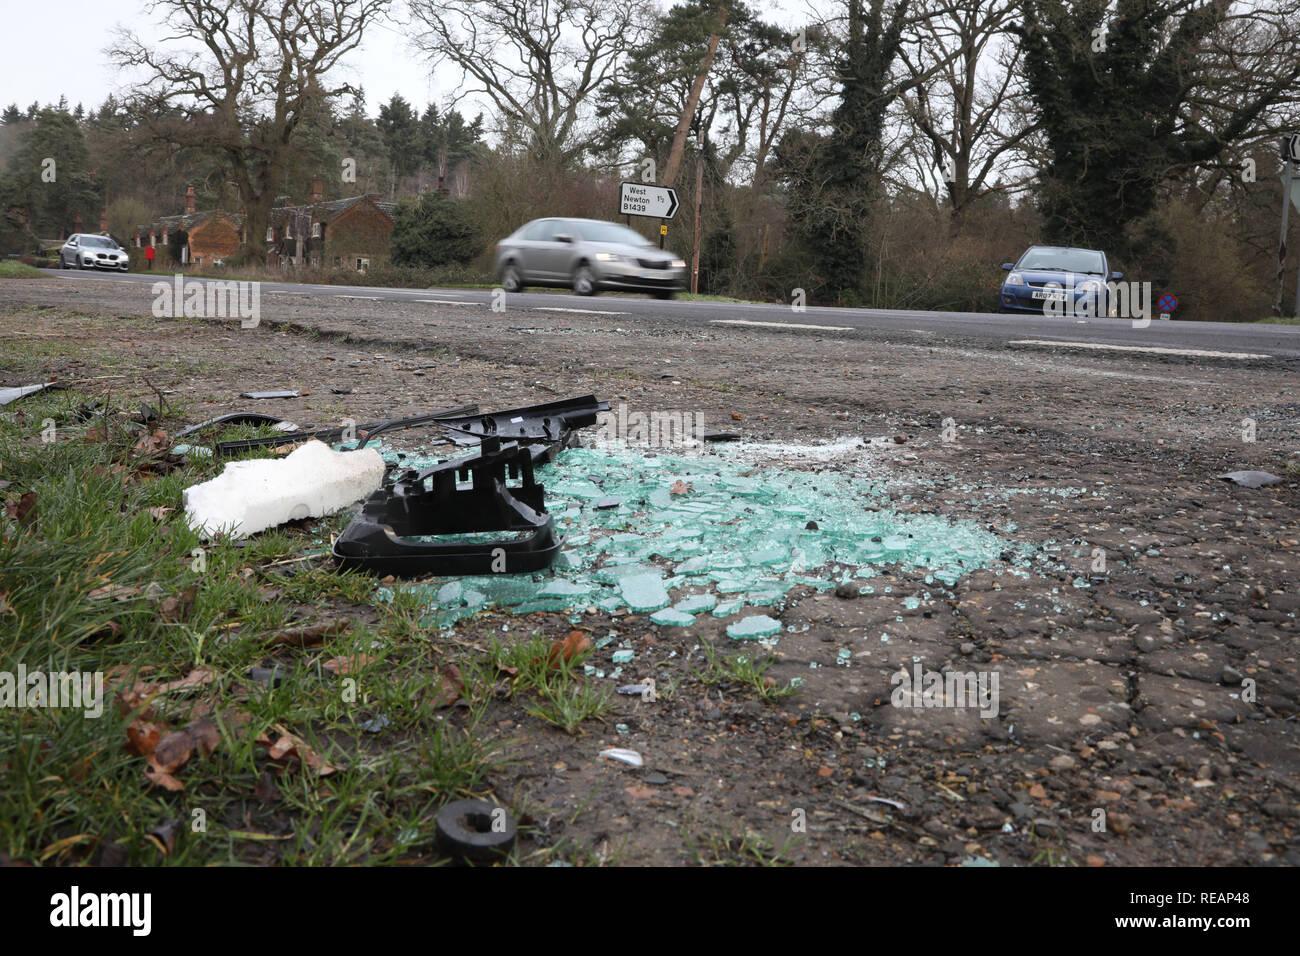 Sandringham, Norfolk, Reino Unido. 18 de enero de 2019. Vidrio roto y un espejo de ala en la escena de un accidente. Seguimiento en el Príncipe Felipe, Duque de Edimburgo crash en la A149 cerca de Sandringham, Norfolk, el 18 de enero de 2019. Crédito: Paul Marriott/Alamy Live News Imagen De Stock